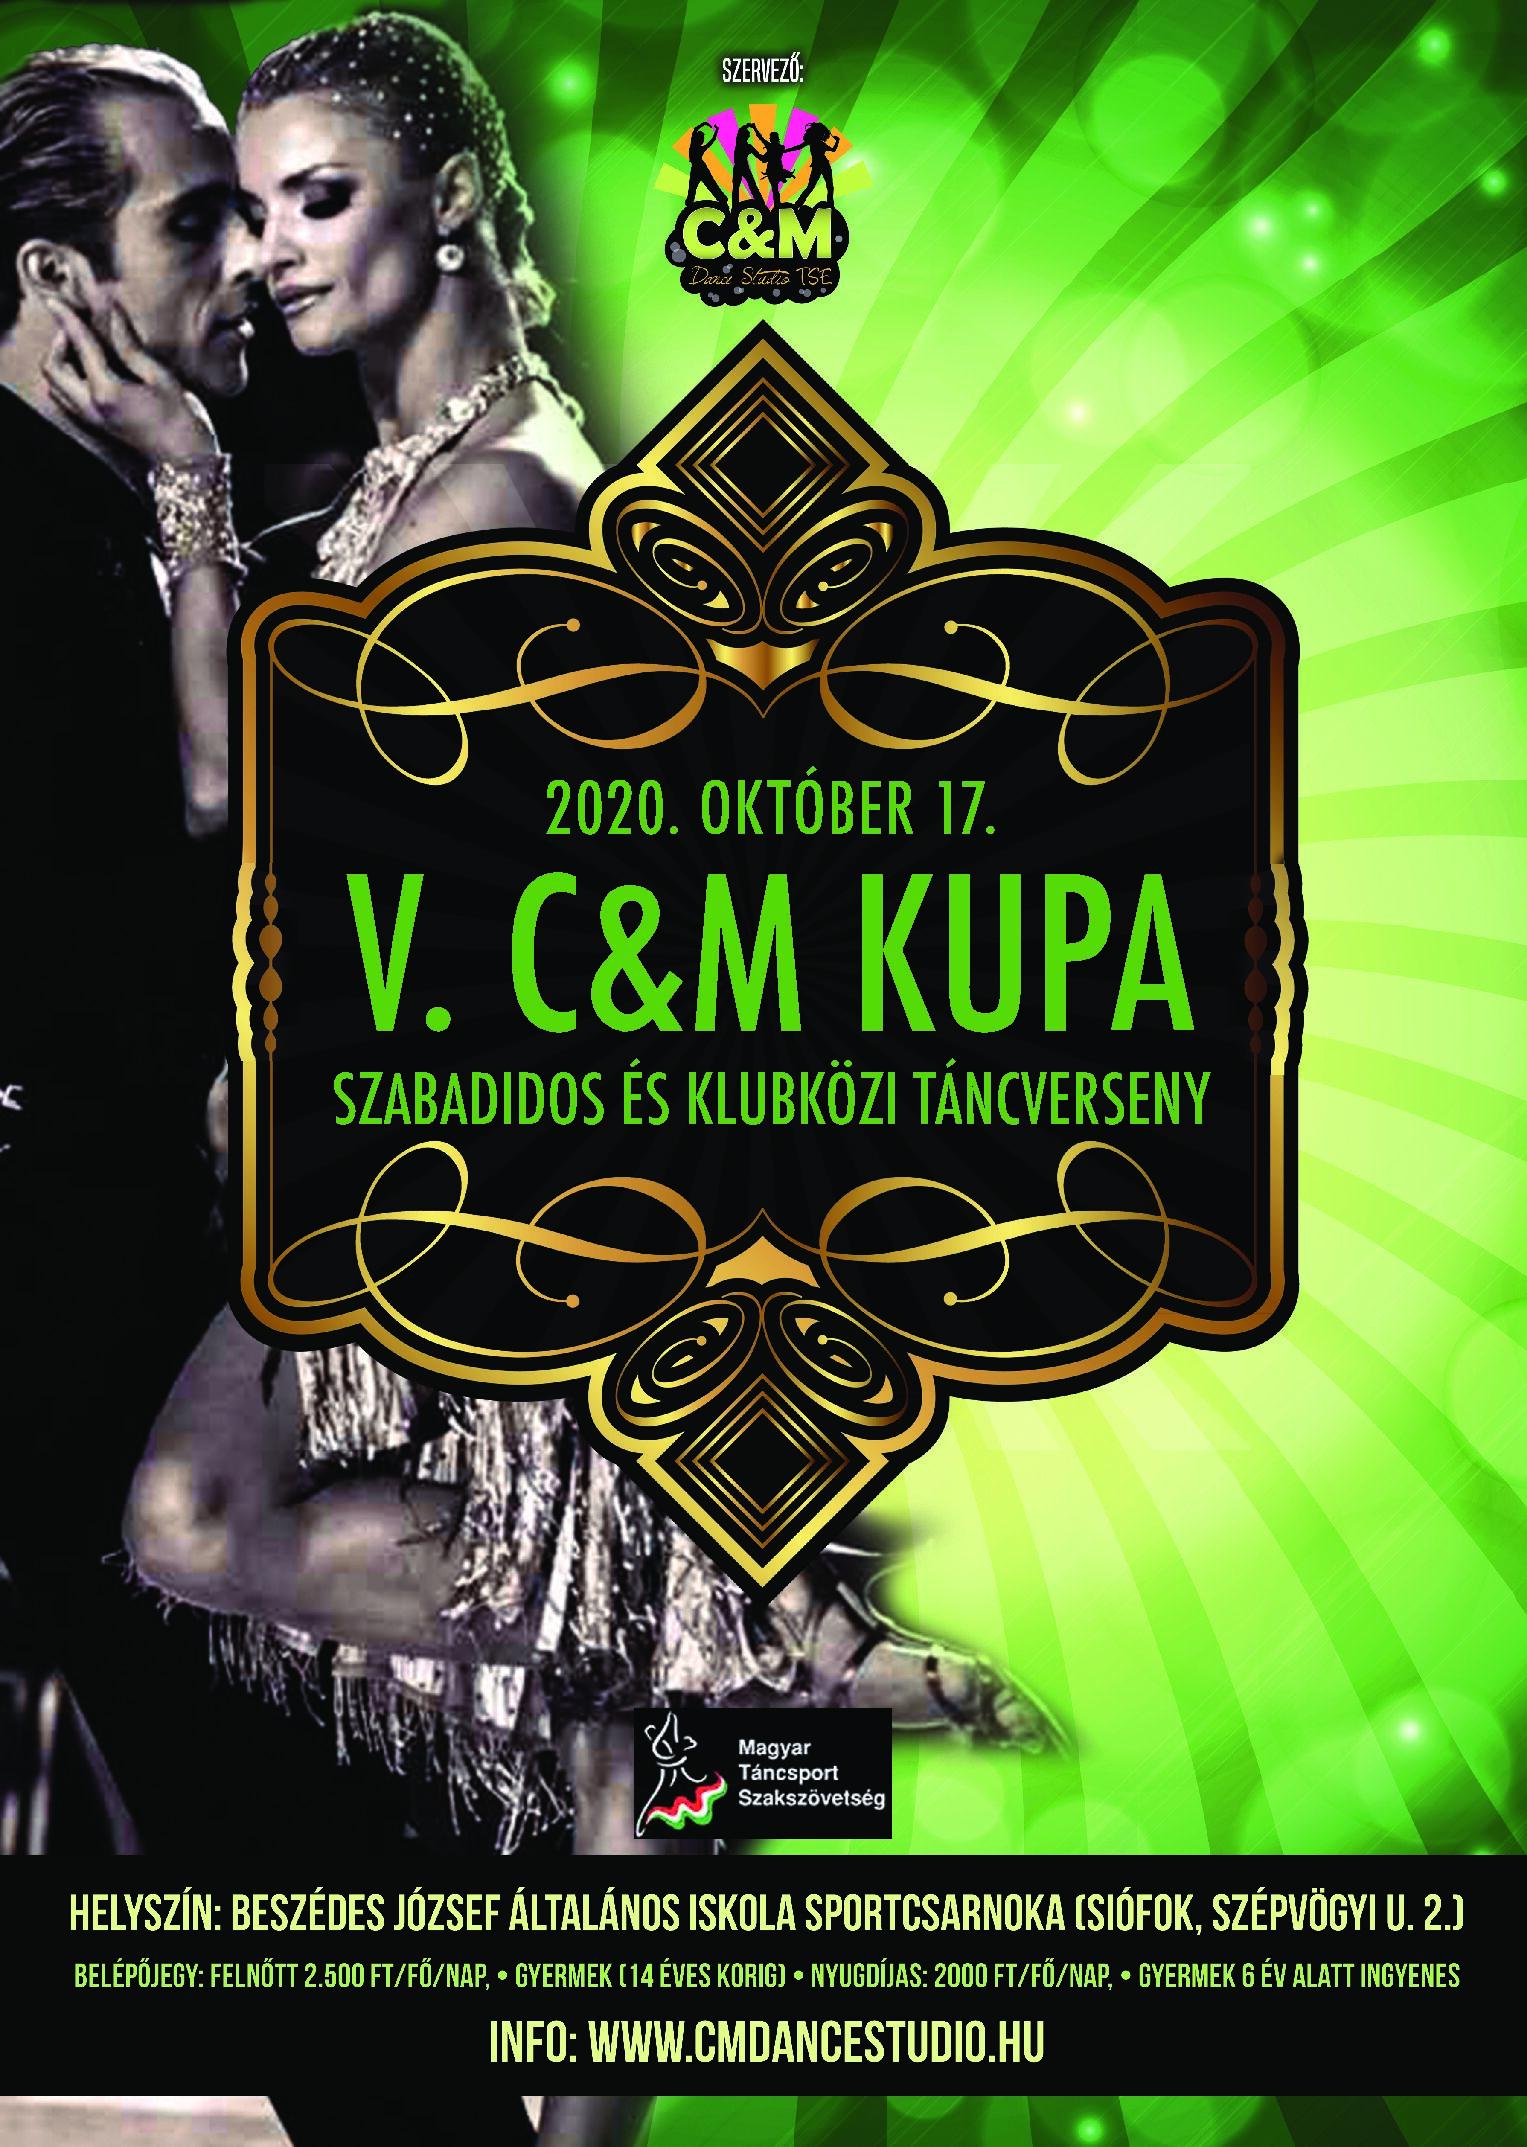 V. C&M Kupa